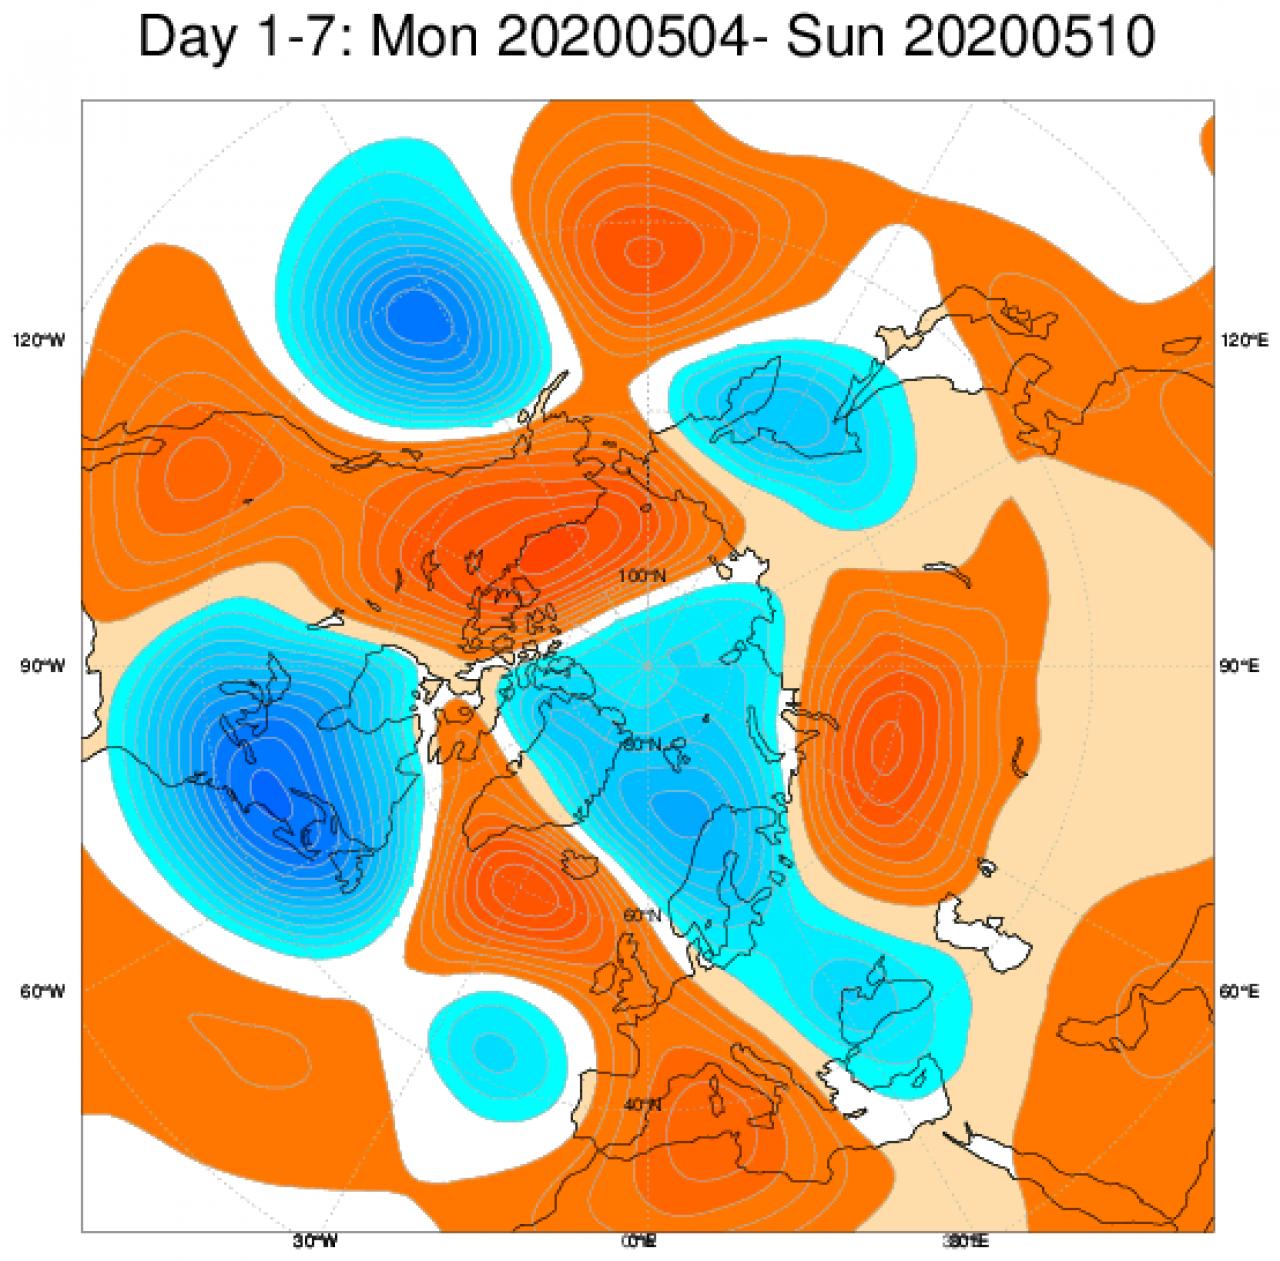 Media di ensemble del modello inglese ECMWF relativa all'anomalia di Altezza di Geopotenziale a 500 hPa (circa 5.500 metri) per il periodo 4-10 maggio 2020